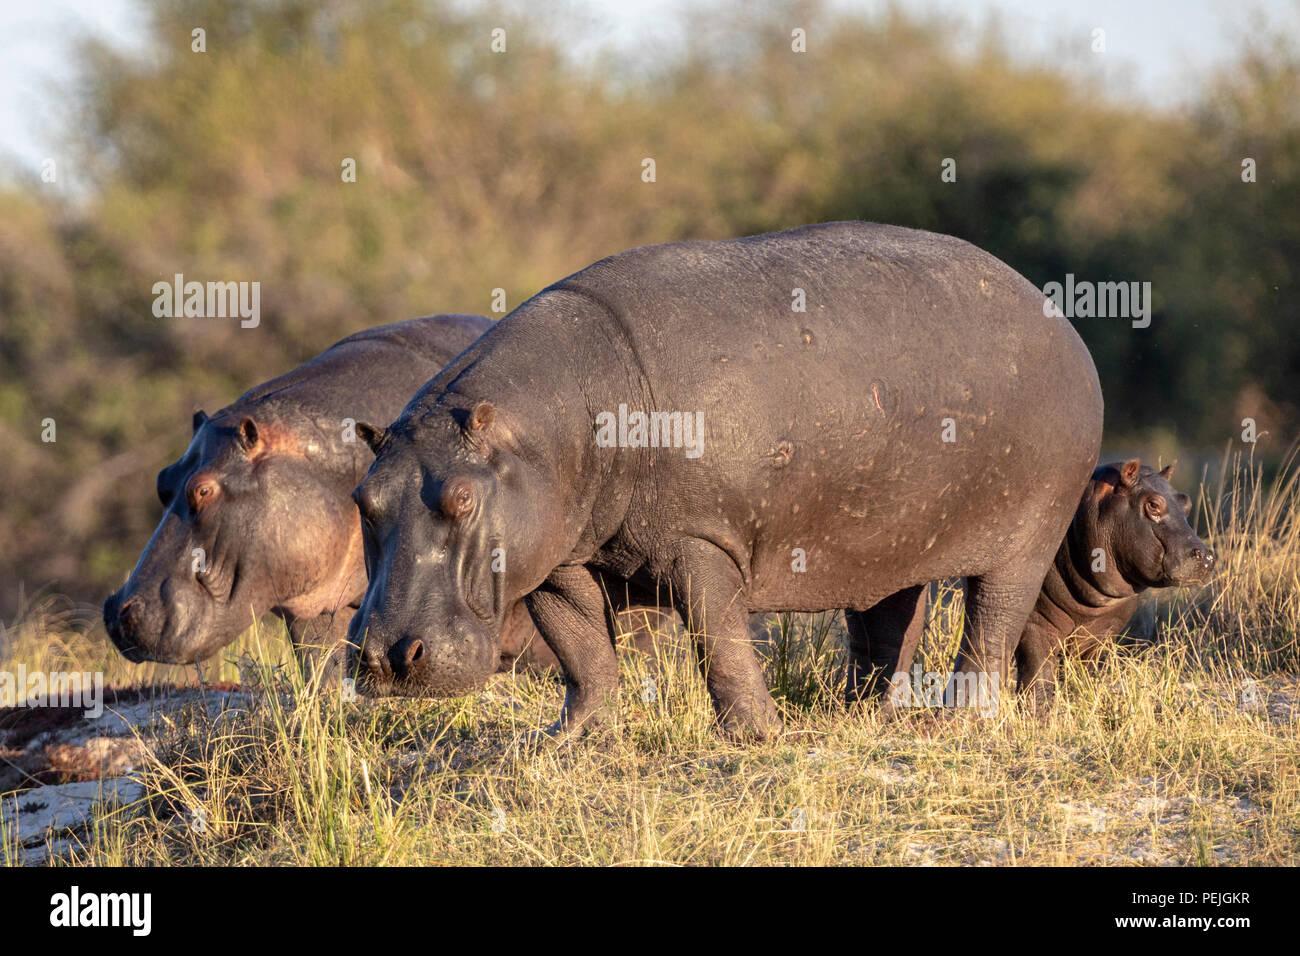 Hippos near Chobe River, Chobe National Park, Botswana - Stock Image